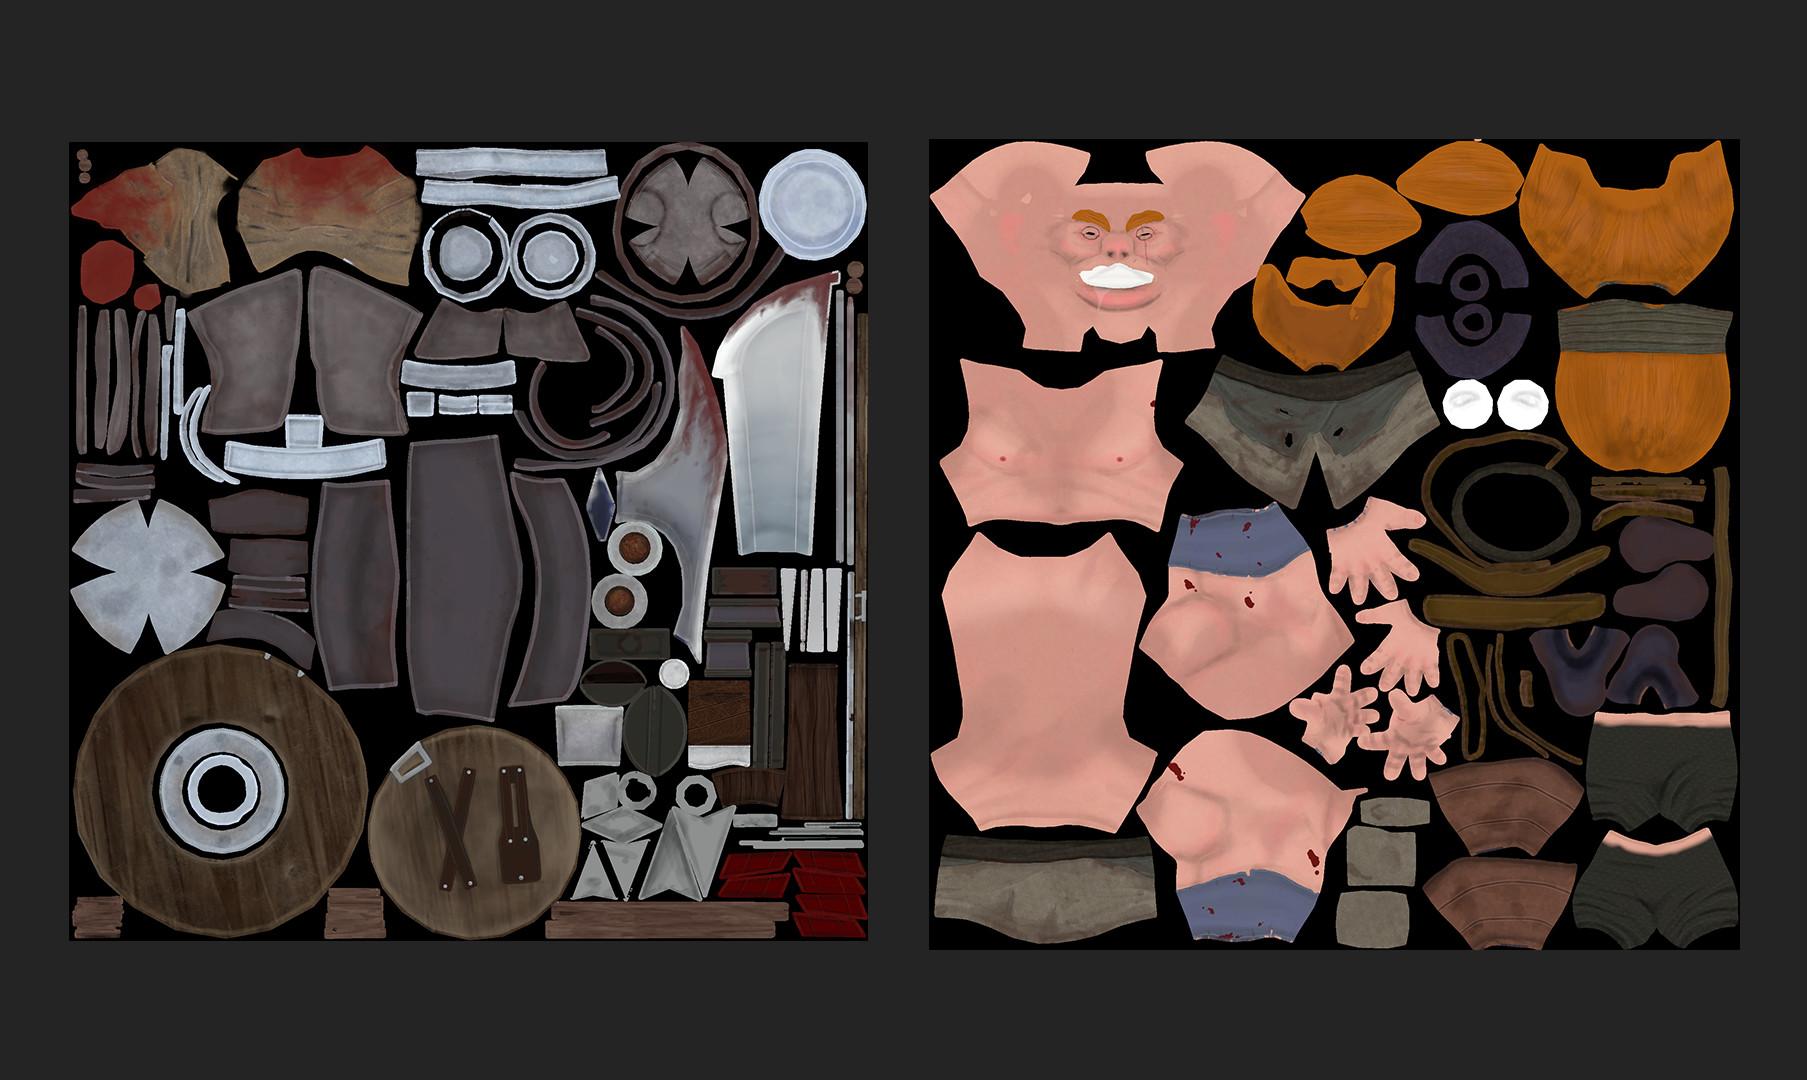 Emil loiselle textures map